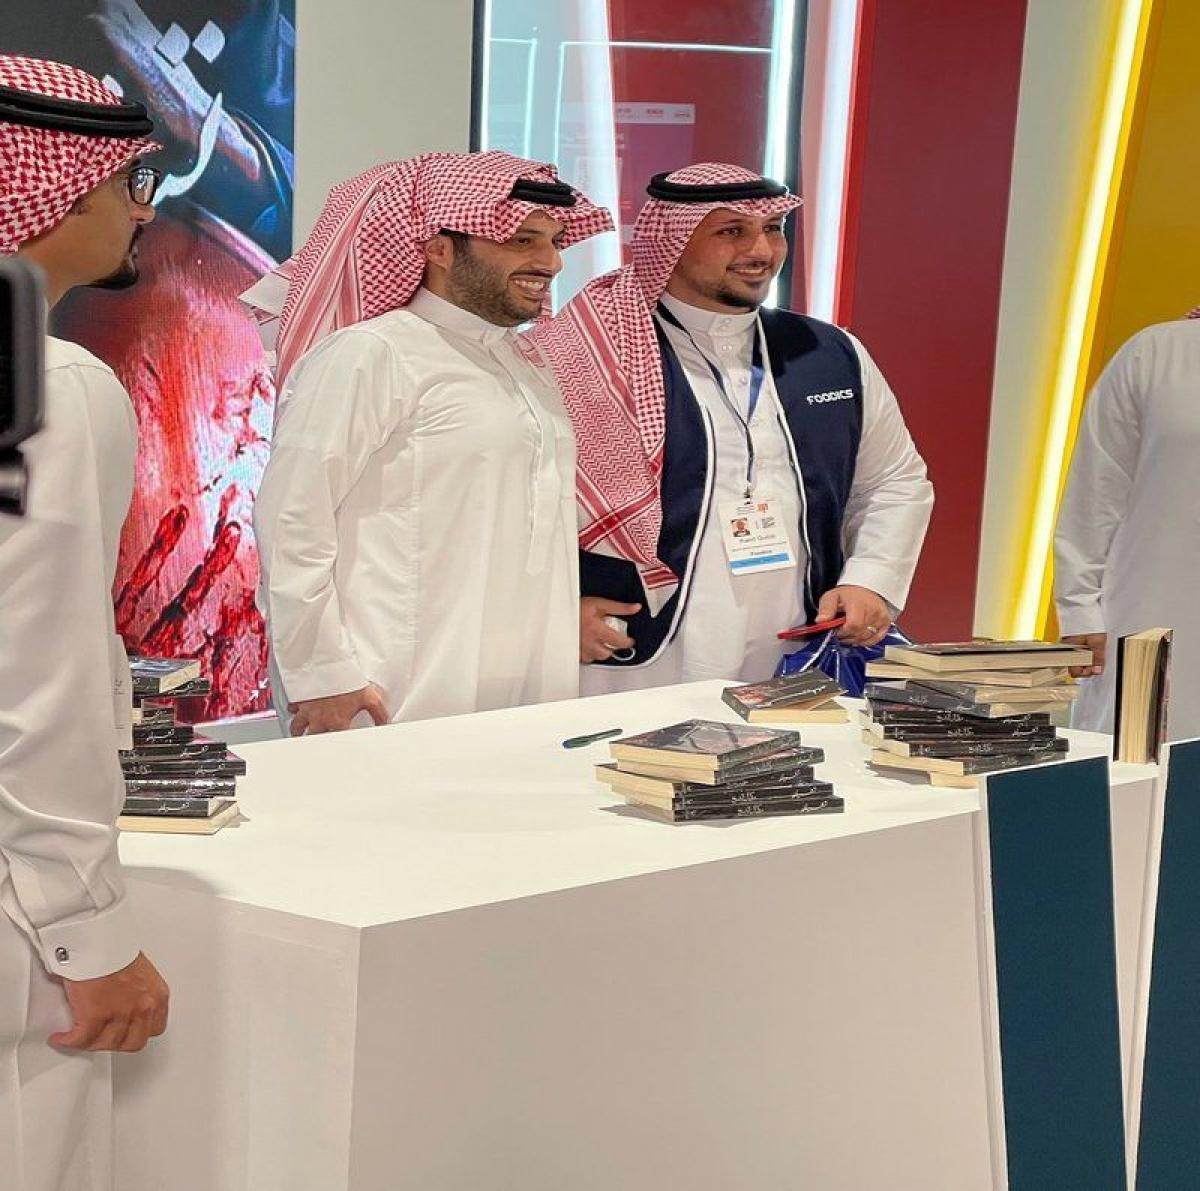 """""""فودكس"""" لـ""""سبق"""": وفرنا تجربة رقمية متكاملة للعملاء بمعرض الرياض ا"""